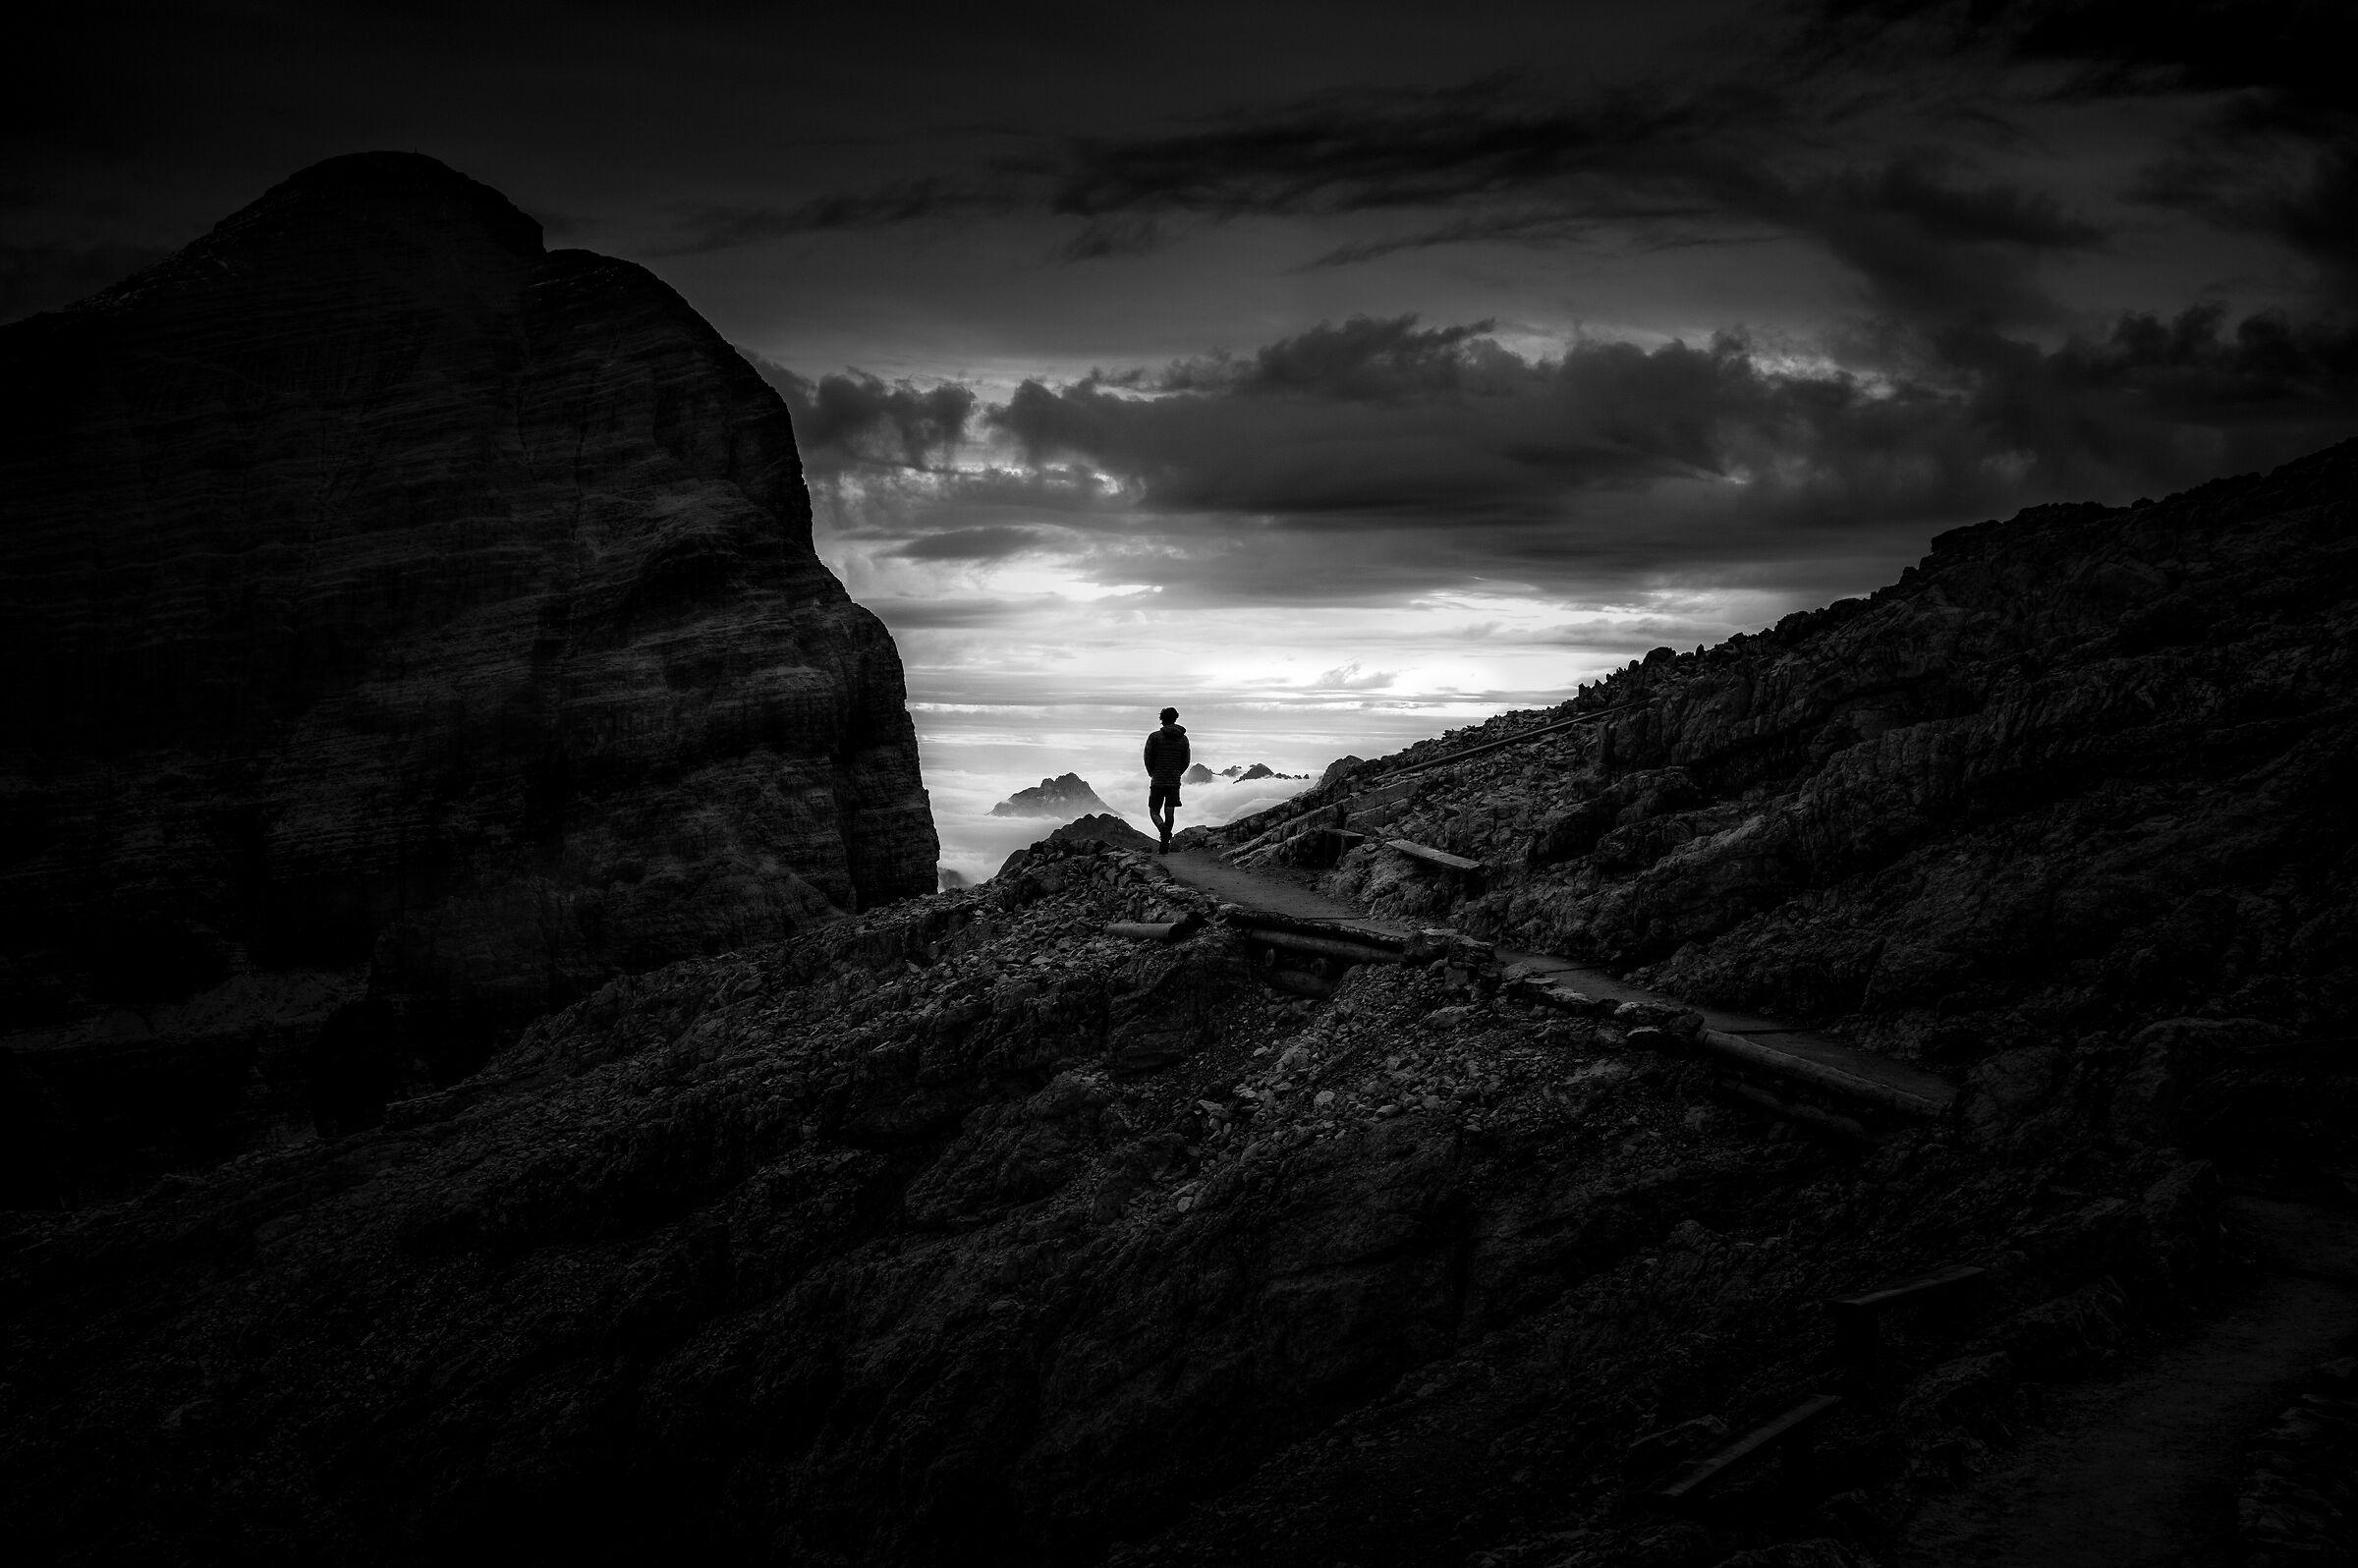 L'escursionista su di un mare di nebbia...